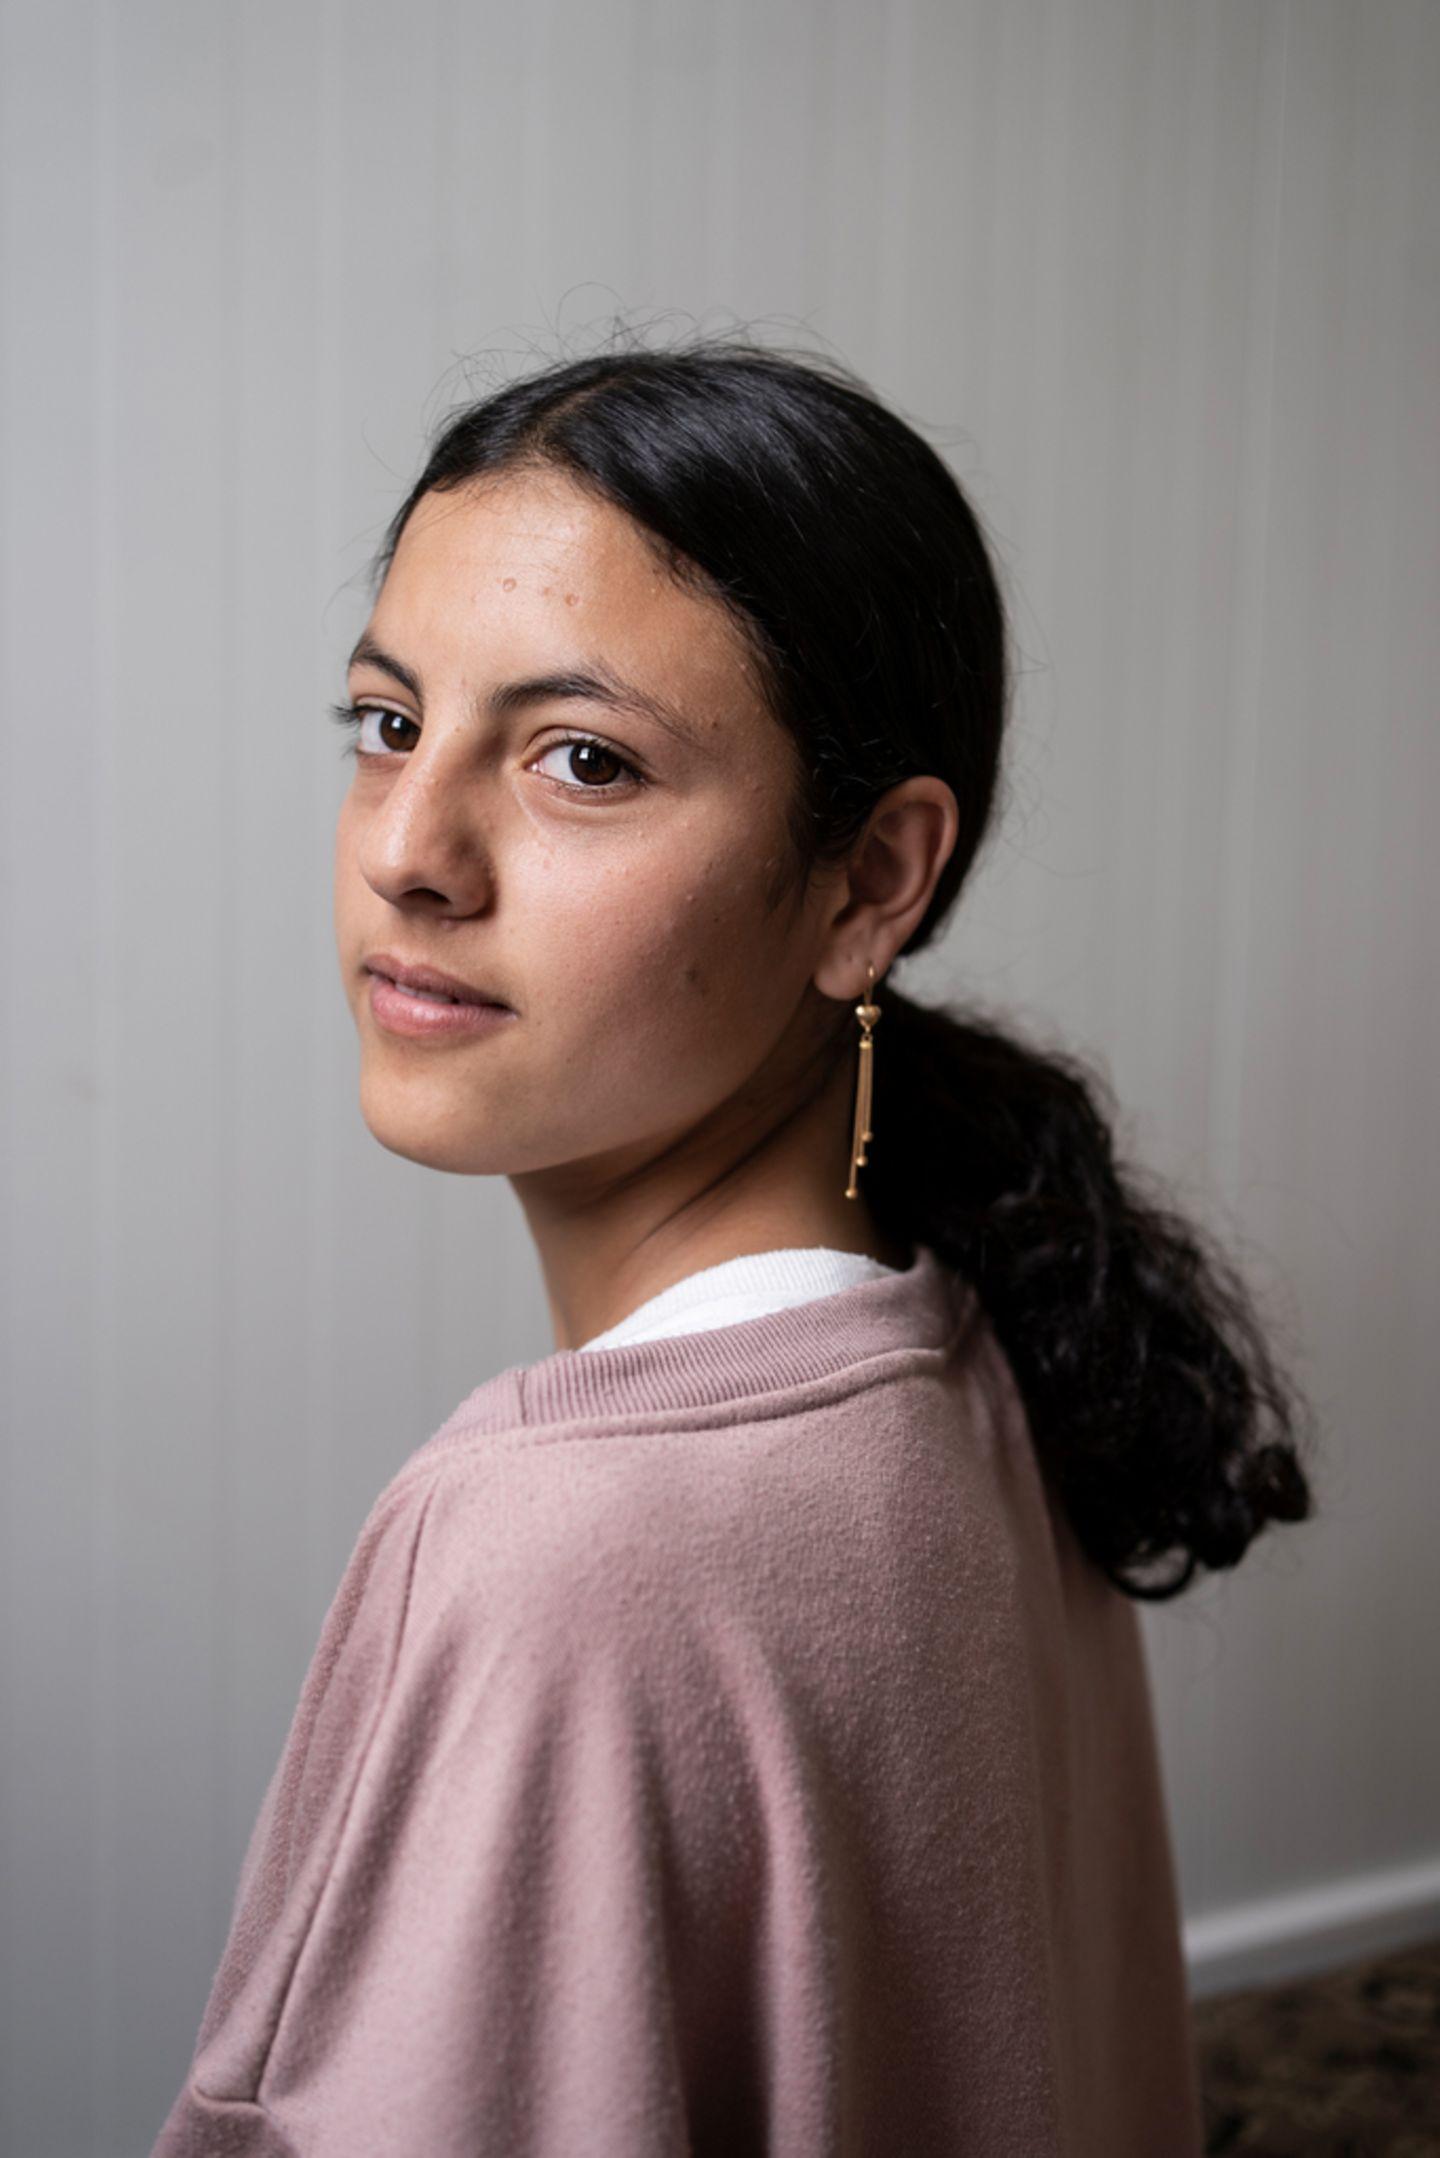 """Hadil, 15,ist die mittlere von vier Brüdern und vier Schwestern. Gemeinsam mit ihrer Familie floh sie 2014 aus ihrem Heimatdorf Dogouri in Sindschar. Als die ISIS kam, floh die Familie zunächst in ein Nachbardorf. Aber auch dort waren sie nach einer Woche nicht mehr sicher. Auf ihrer Flucht liefensie tagelang zu Fußin die Türkei – das Schlimmste, was Hadil erlebte. In der Türkei blieb sie mit ihrer Familie über ein Jahr lang, bevor sie nach Kurdistan zurückkehrte. Durchdas Box-Training fühlt sie sich""""schon stark genug, dazwischen zu gehen, wenn sich etwas Blödes vor meinen Augen abspielt. Und wenn ich bedroht werden würde, könnte ich mich auch schon ein bisschen verteidigen."""" Es ist ihr Traum, Ärztin zu werden. """"Damit ich Menschen um mich herum helfen kann"""", sagt Hadil. Ihr großes Vorbild ist und bleibt aber ihre Mutter: """"Sie hat acht Kinder sicher und ohne einen Kratzer in die Türkei gebracht."""""""